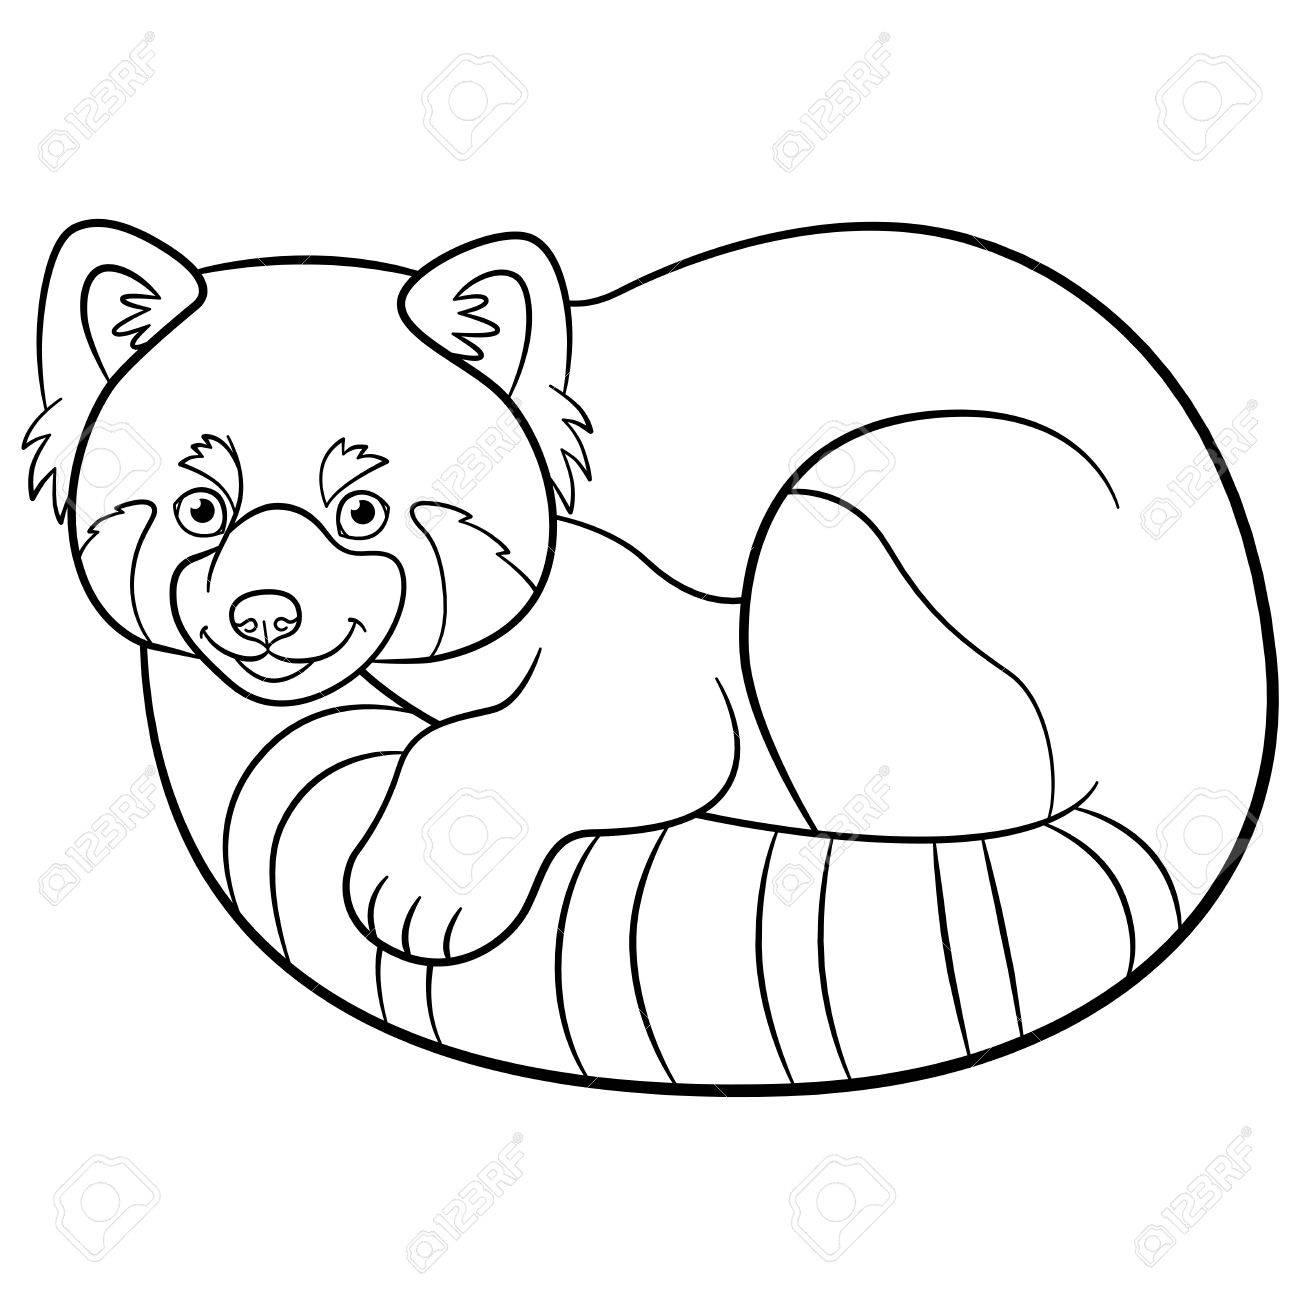 Ungewöhnlich Süße Panda Malvorlagen Fotos - Malvorlagen Von Tieren ...